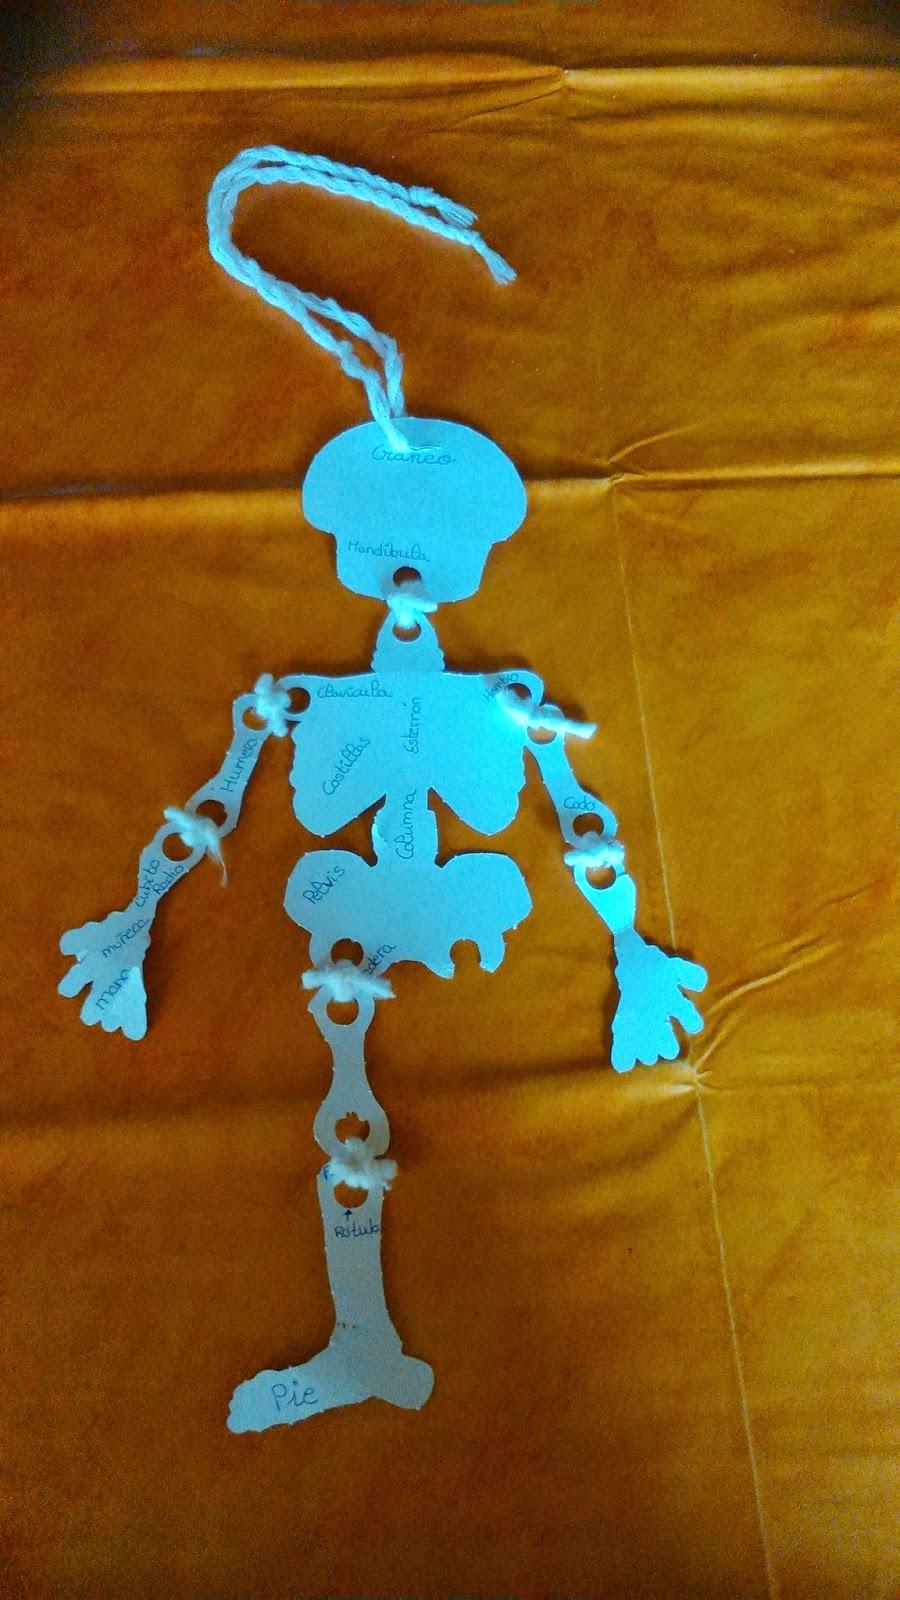 Huesos del cuerpo humano